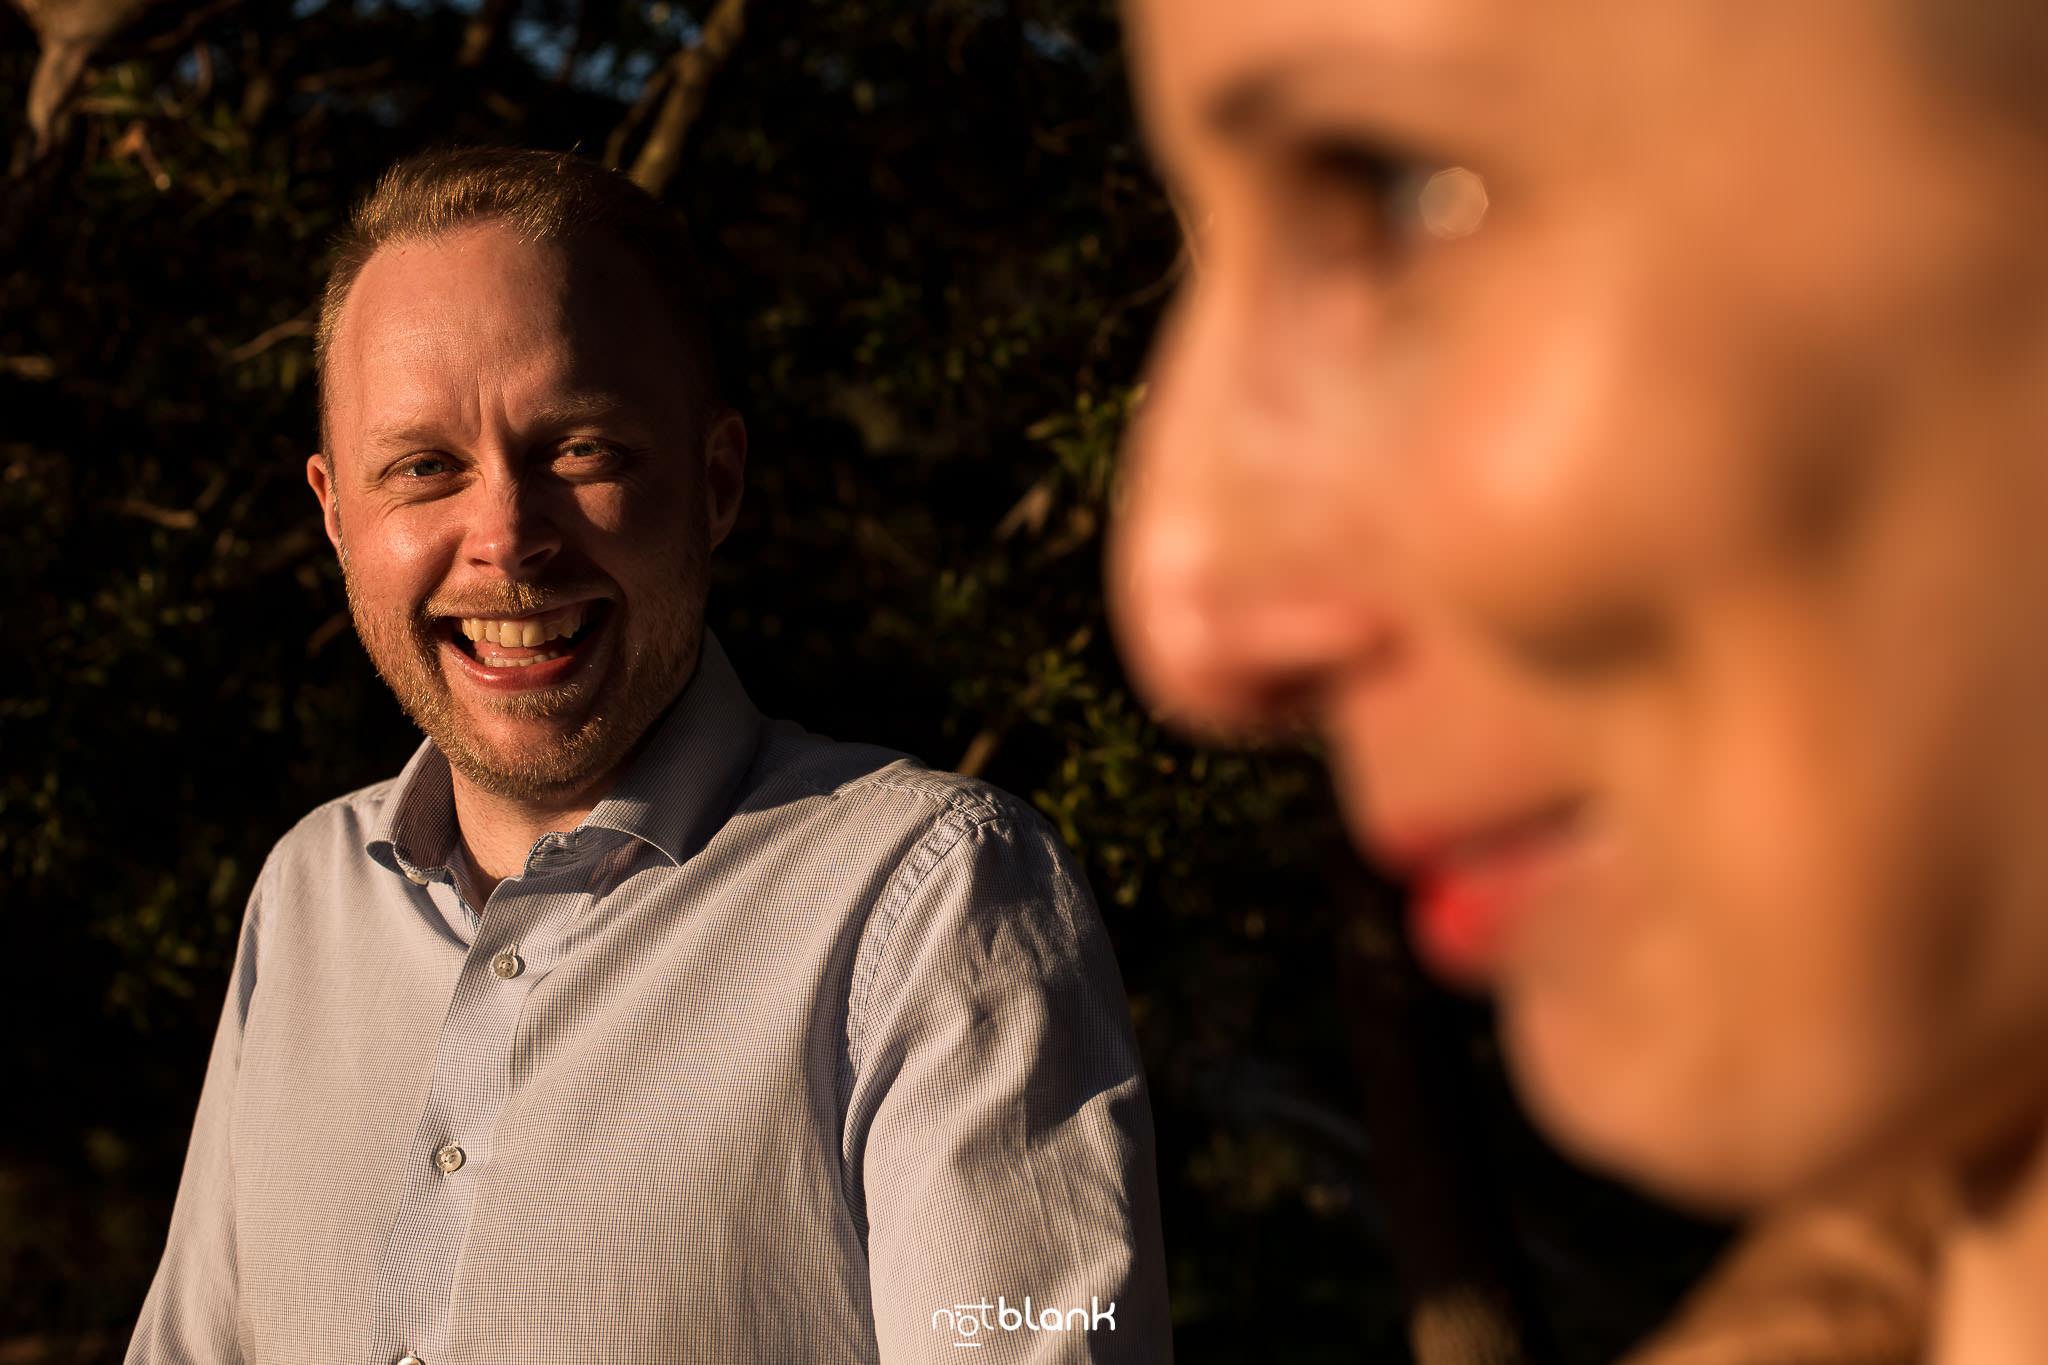 Sesion de preboda con Maite & David en el Monte Aloia de Tui, Pontevedra, realizado por los fotografos de boda de Pontevedra Notblank